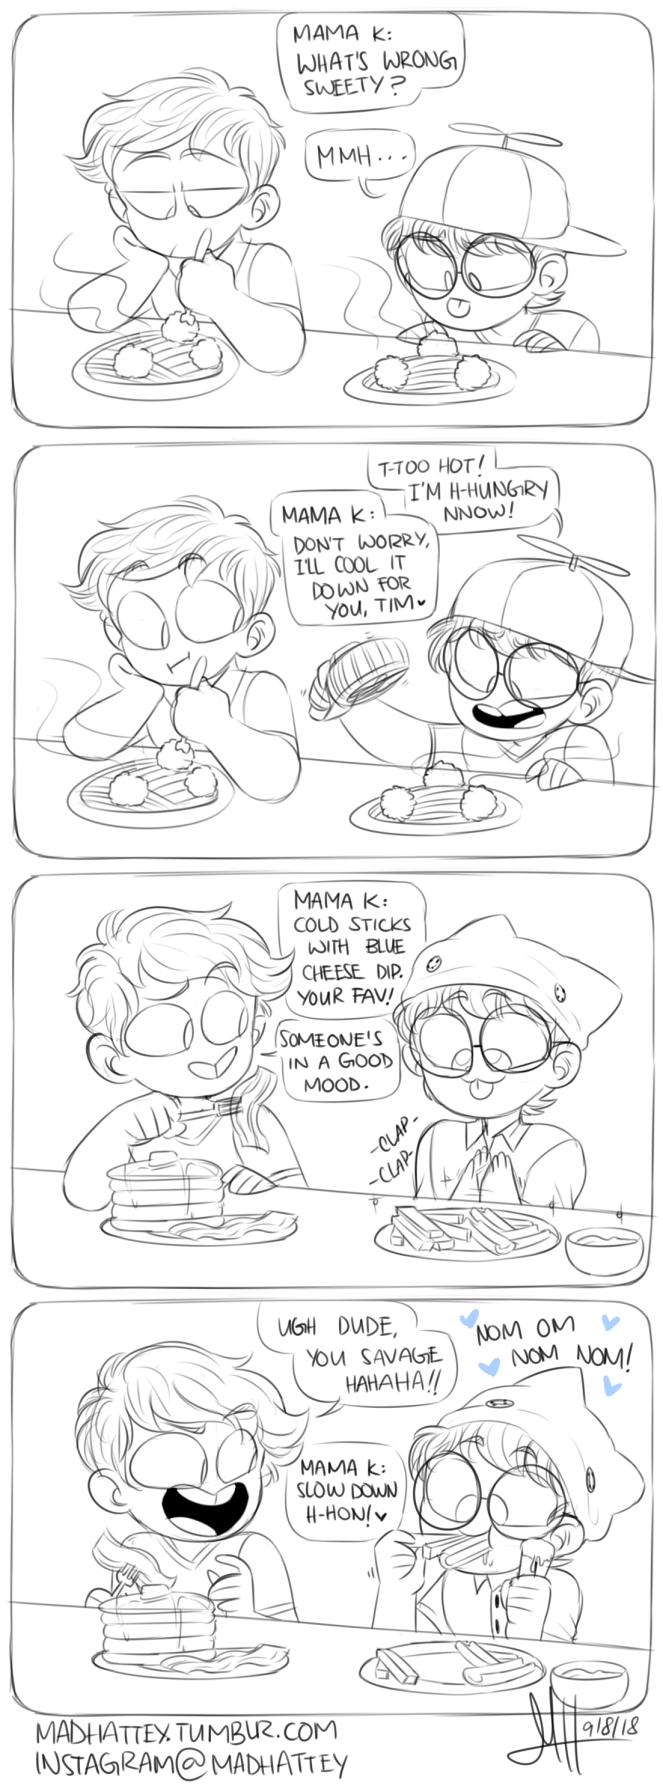 Hypertaste full comic